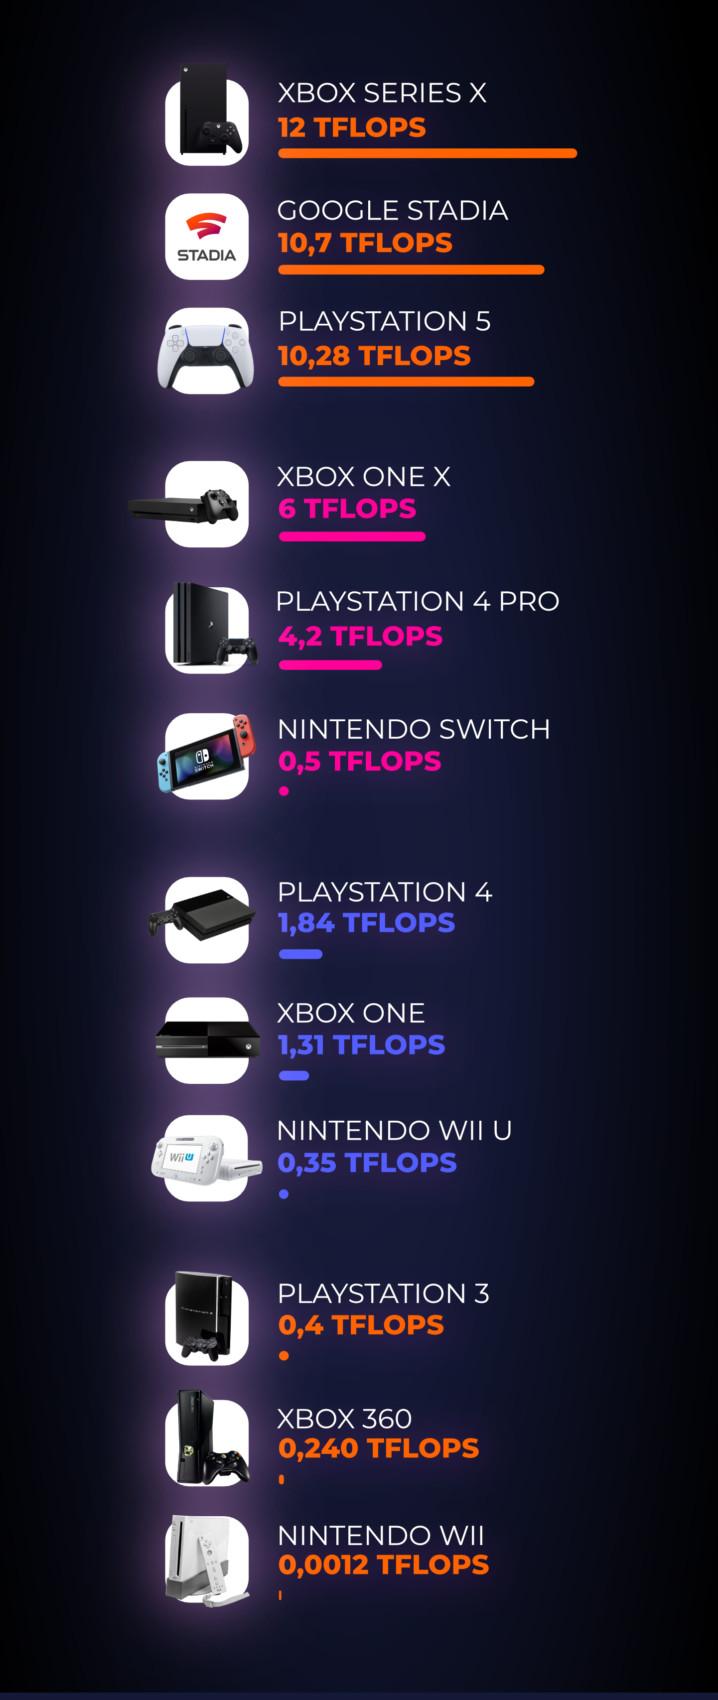 La puissance en TFlops de plusieurs consoles